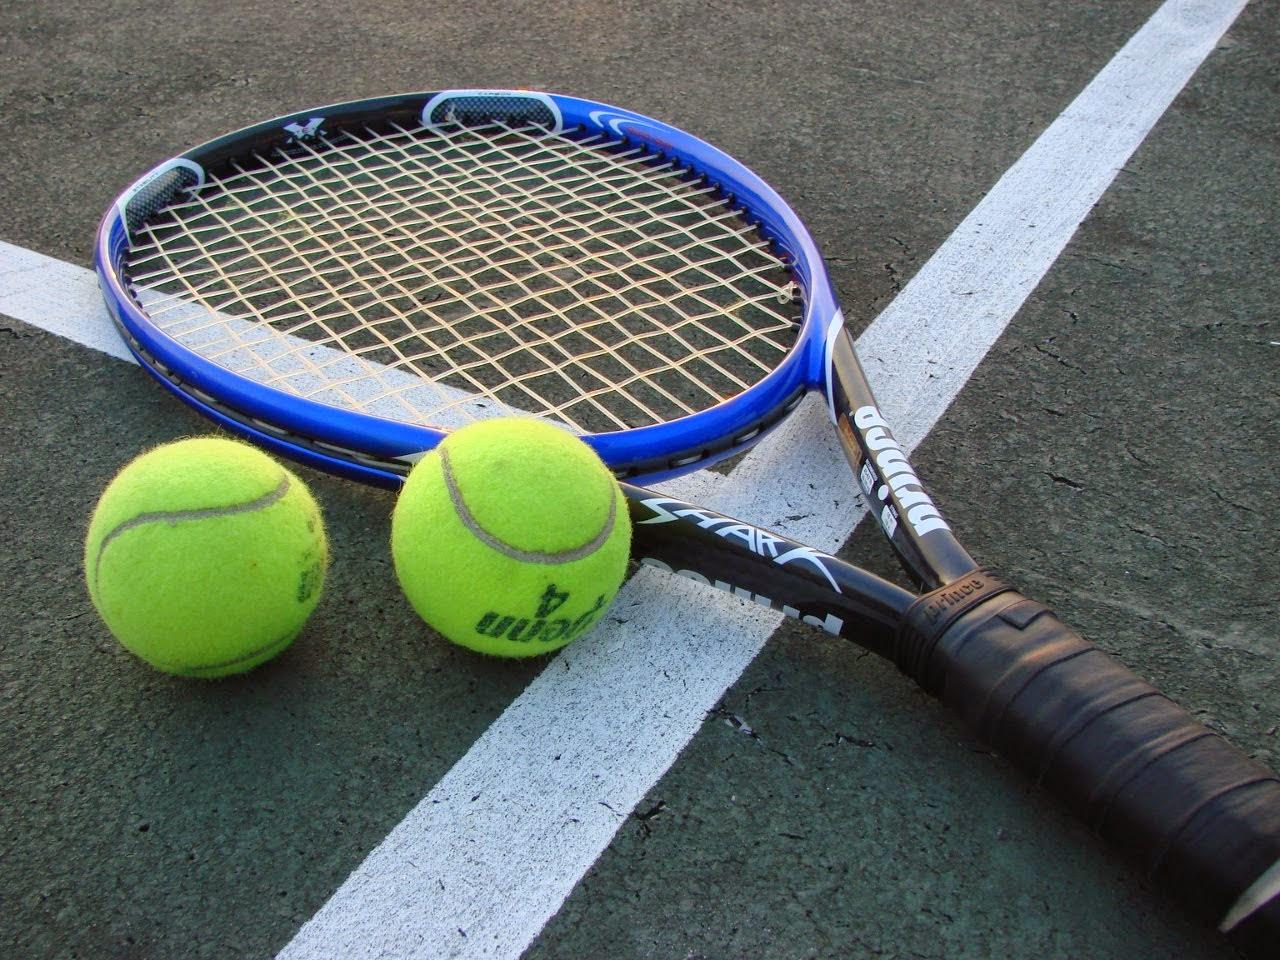 Cara memulai usaha persewaan lapangan tenis